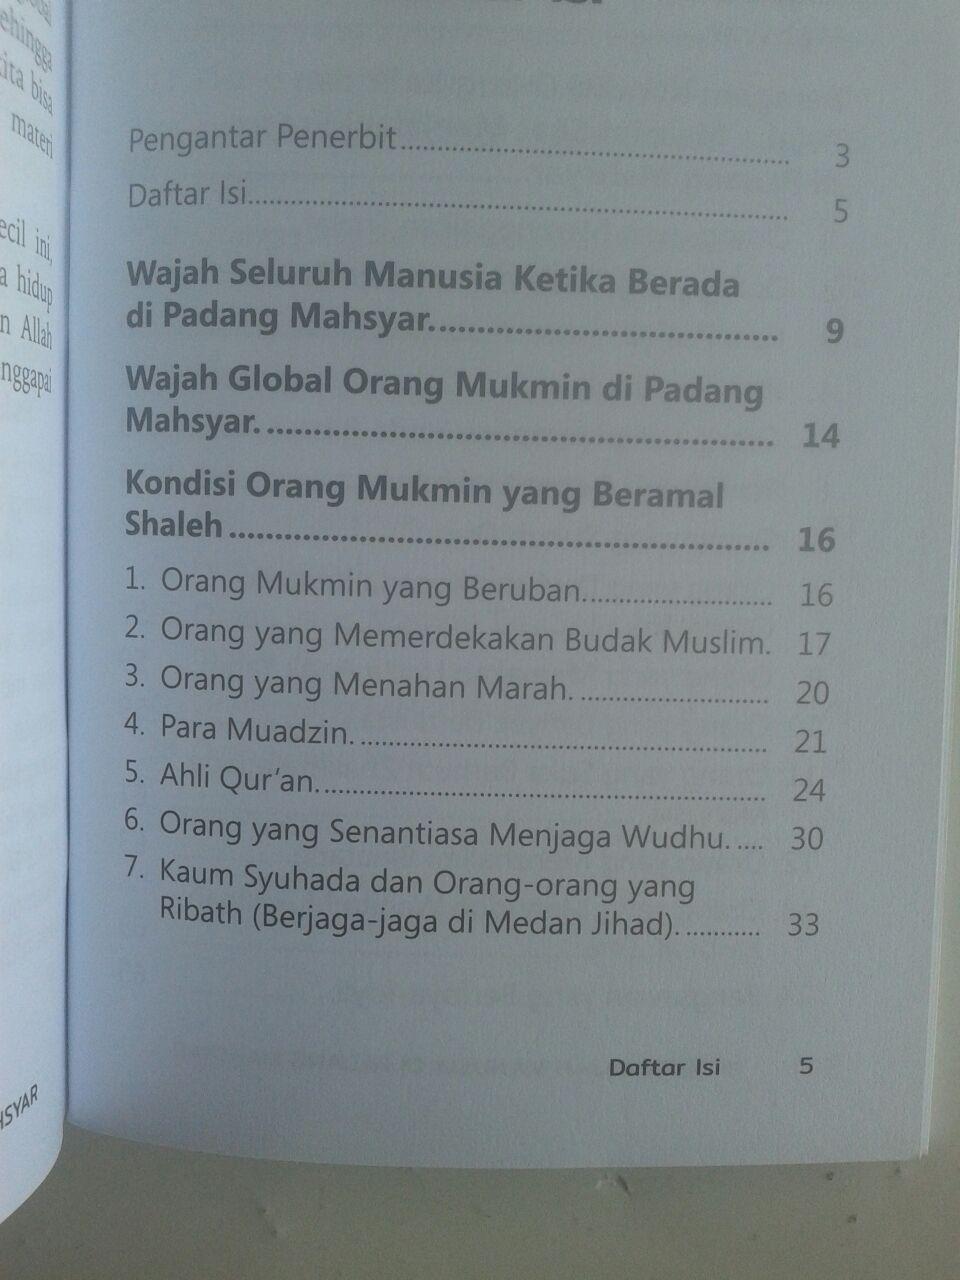 Buku Saku 1001 Wajah Manusia Di Padang Mahsyar isi 2